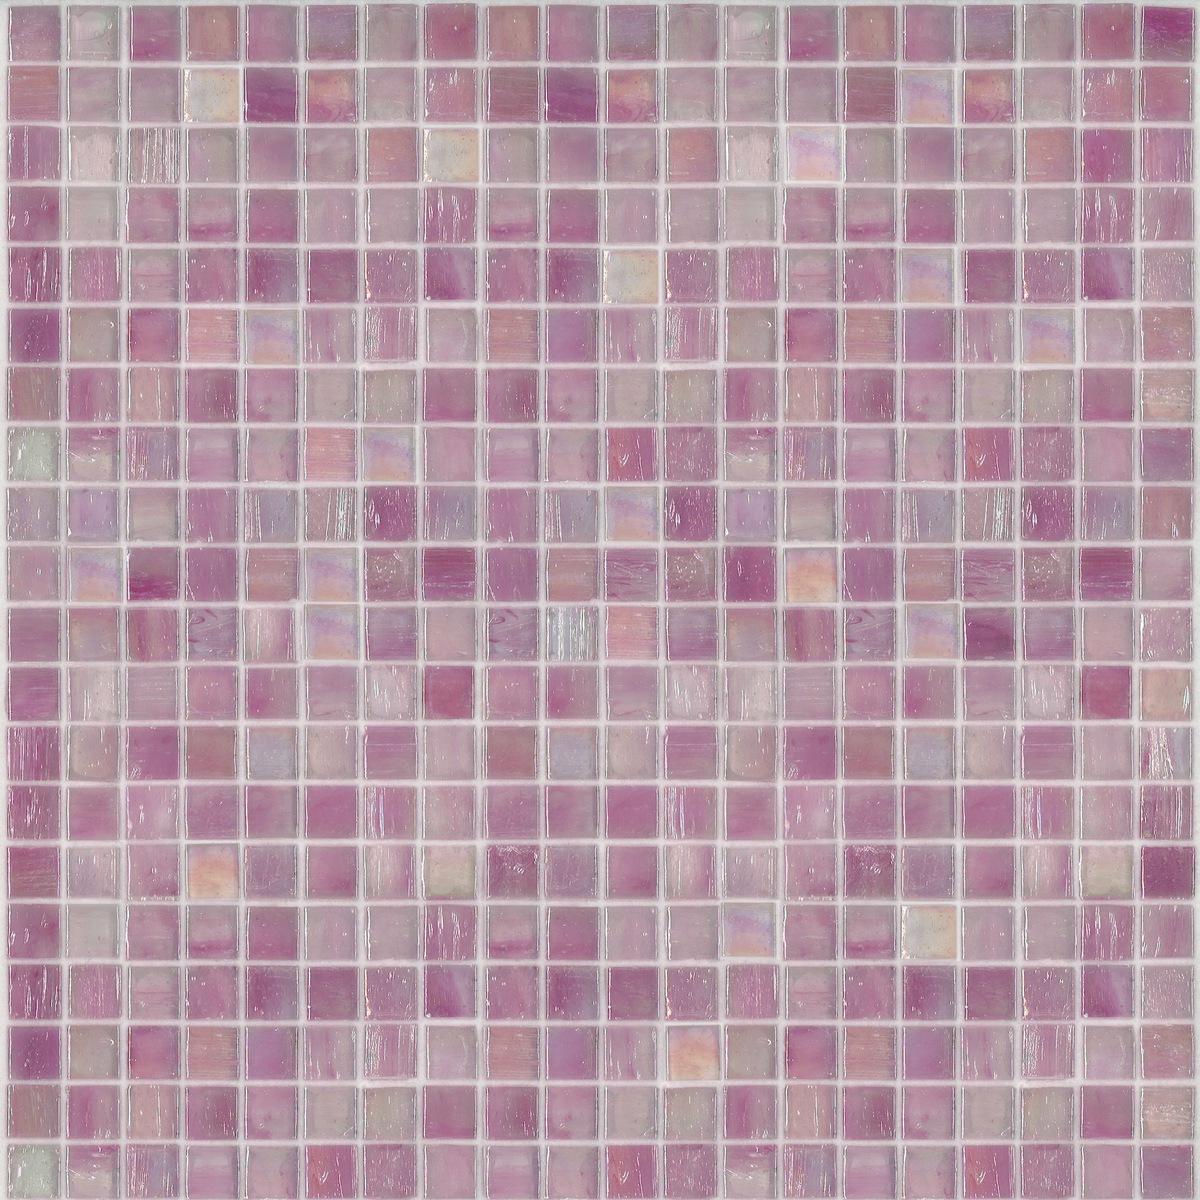 Piastrelle Bagno Mosaico Viola bisazza mosaico vetroso rosso/viola brillante, tessere 1,5x1